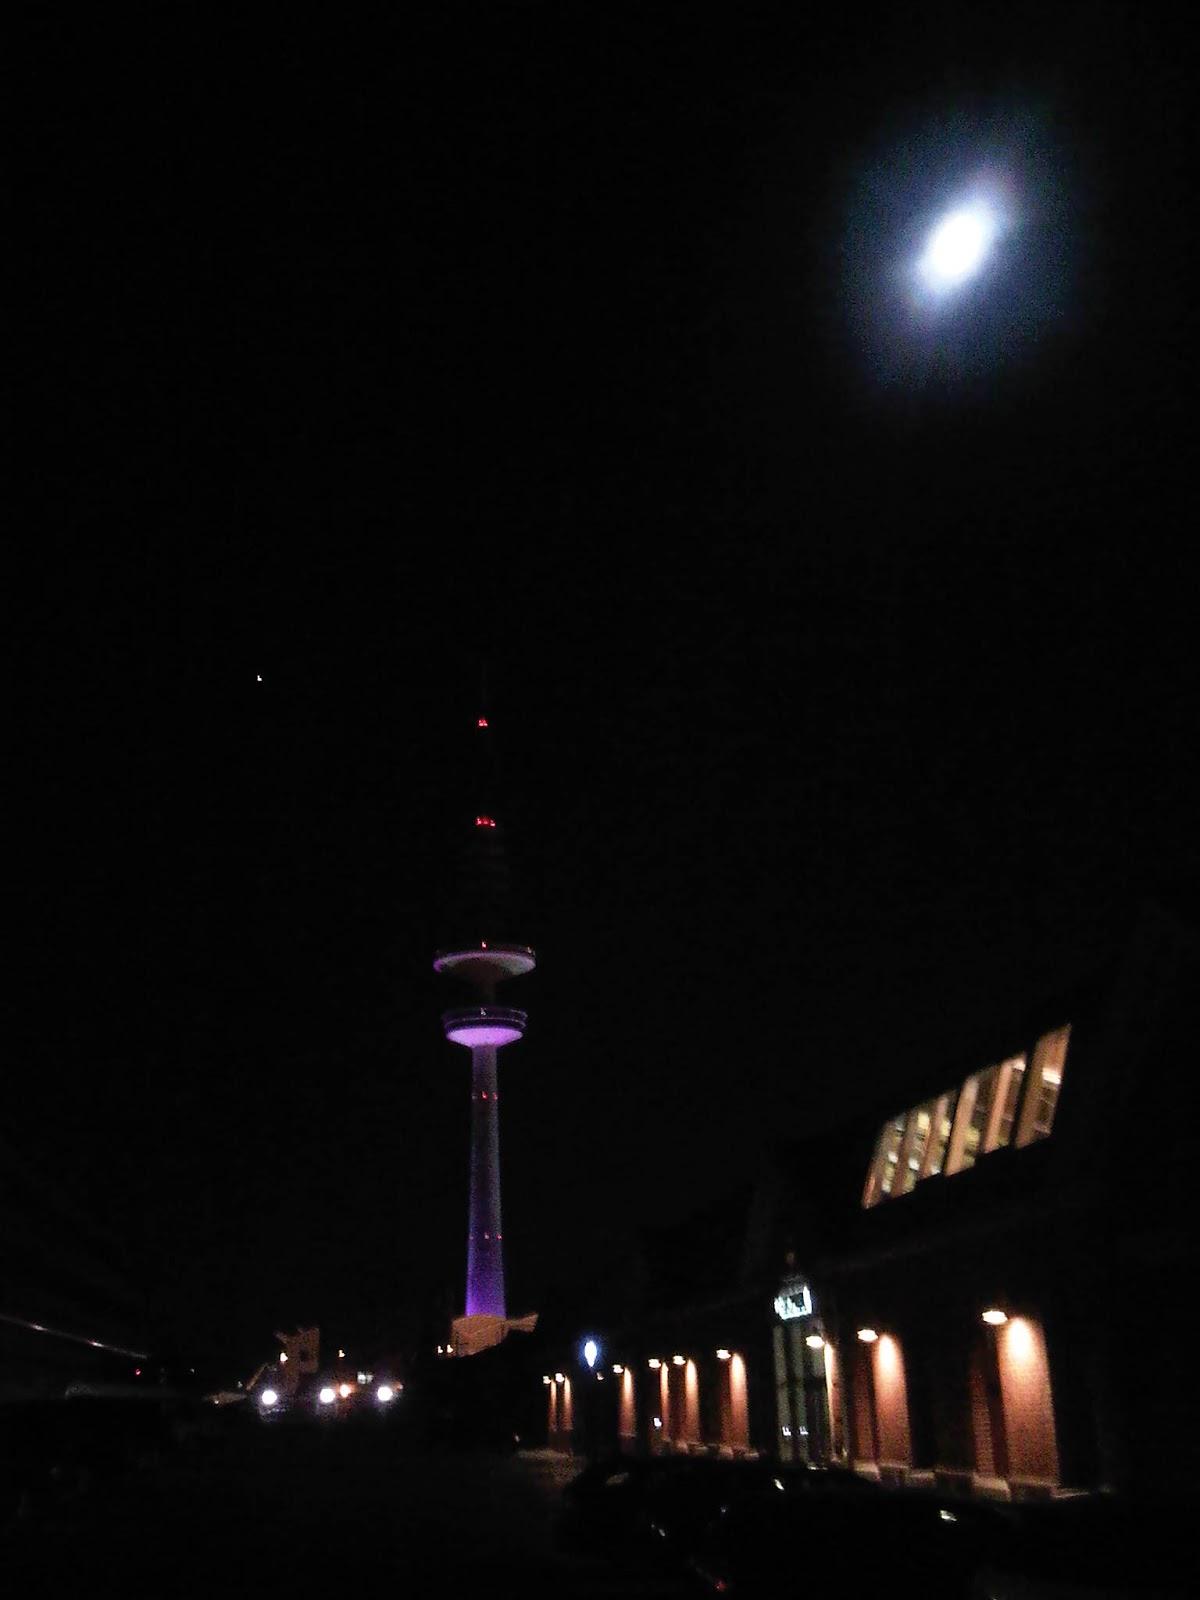 Fernsehturm und Mond von der Lagerstraße / Bullerei aus